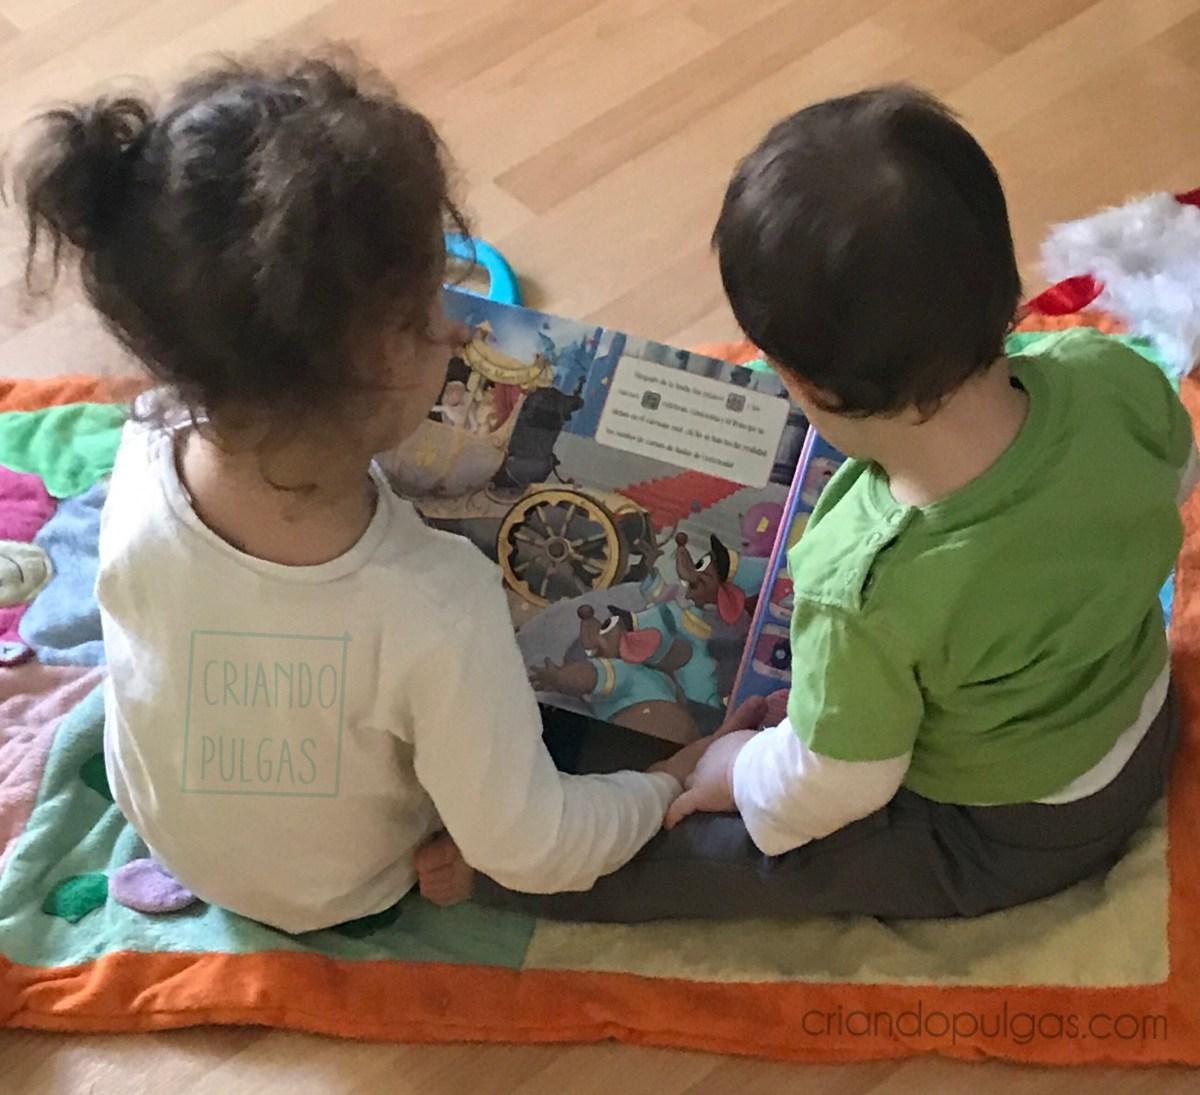 Momentos amorosos entre hermanos